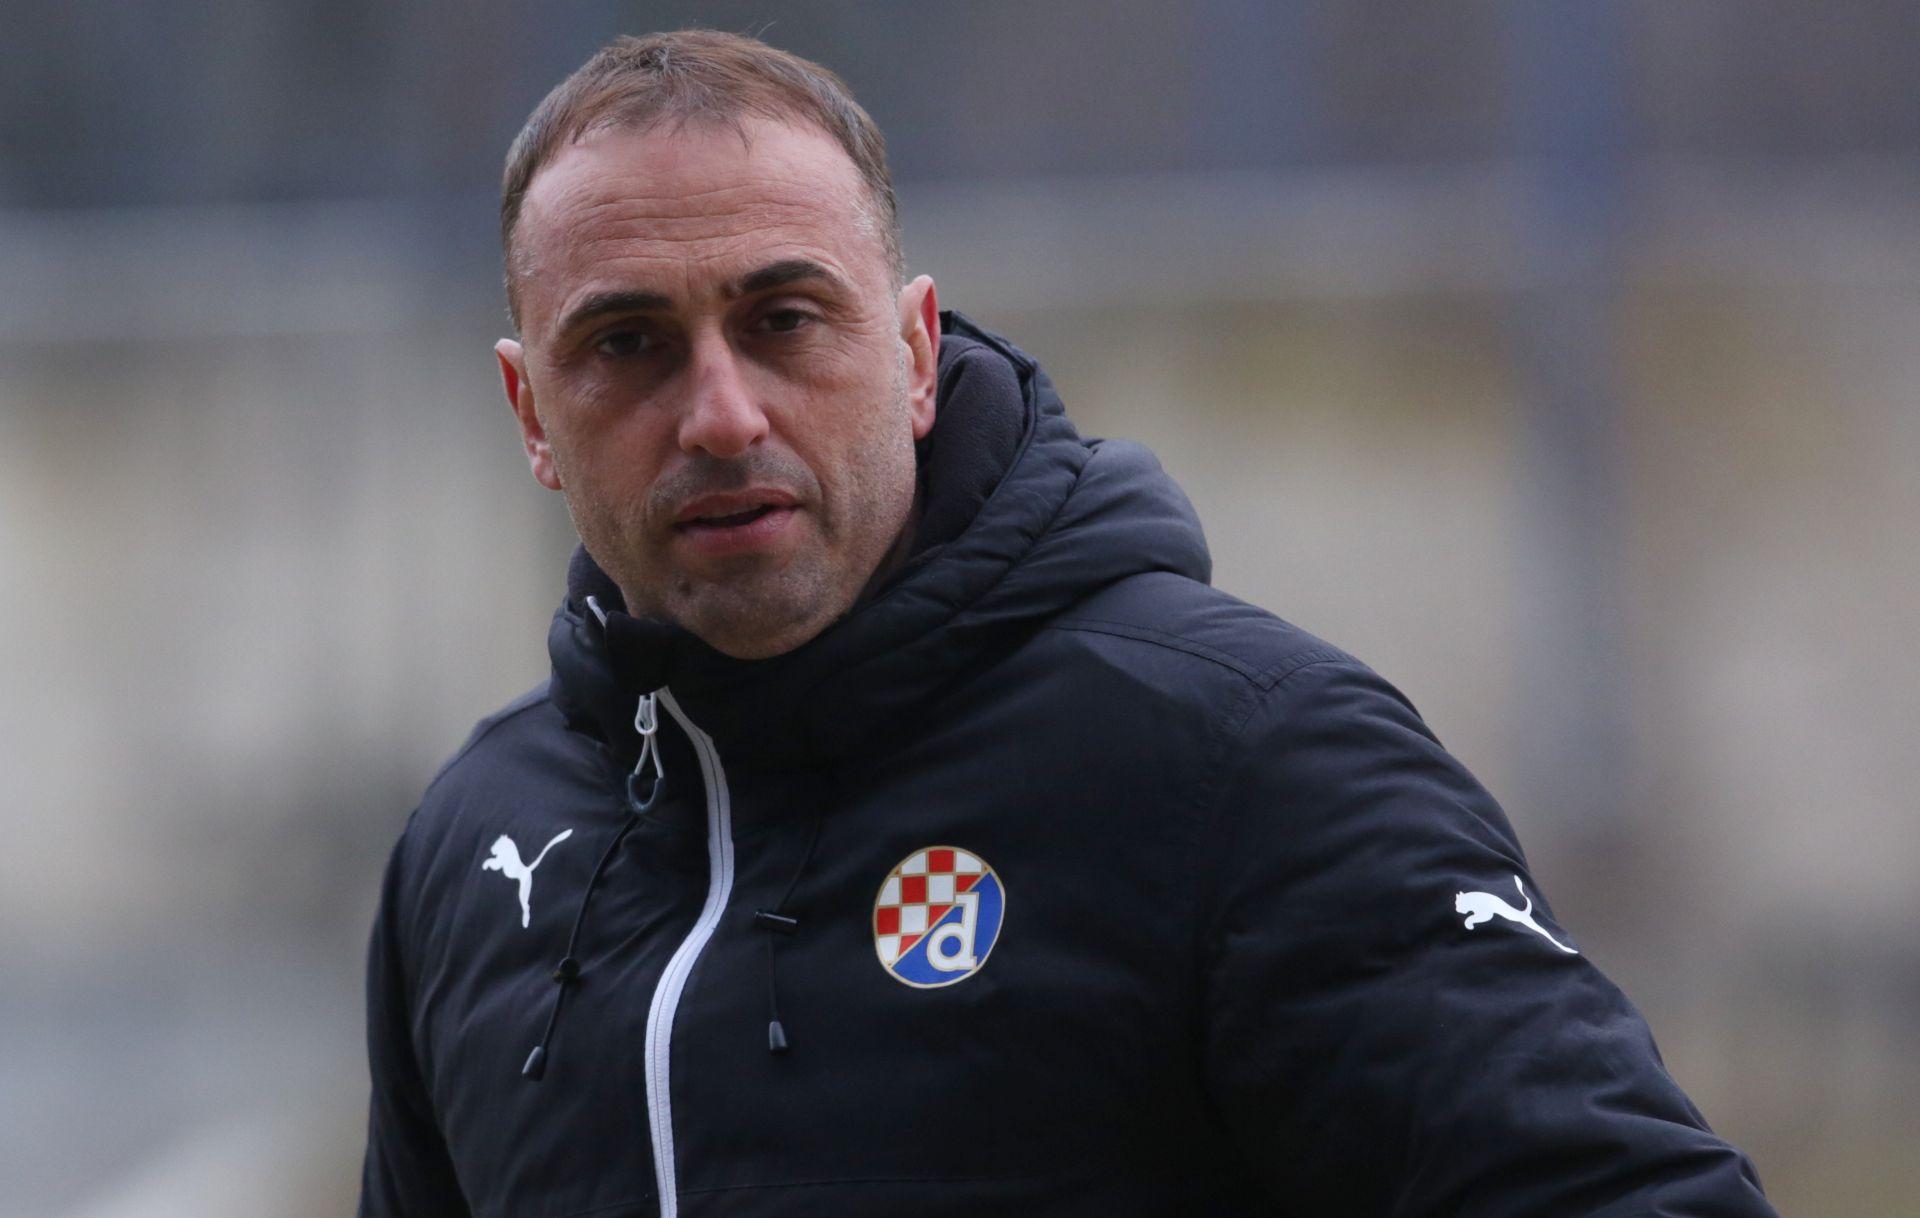 Petevu se nudi ugovor do 2020., Jozak sportski direktor Dinama